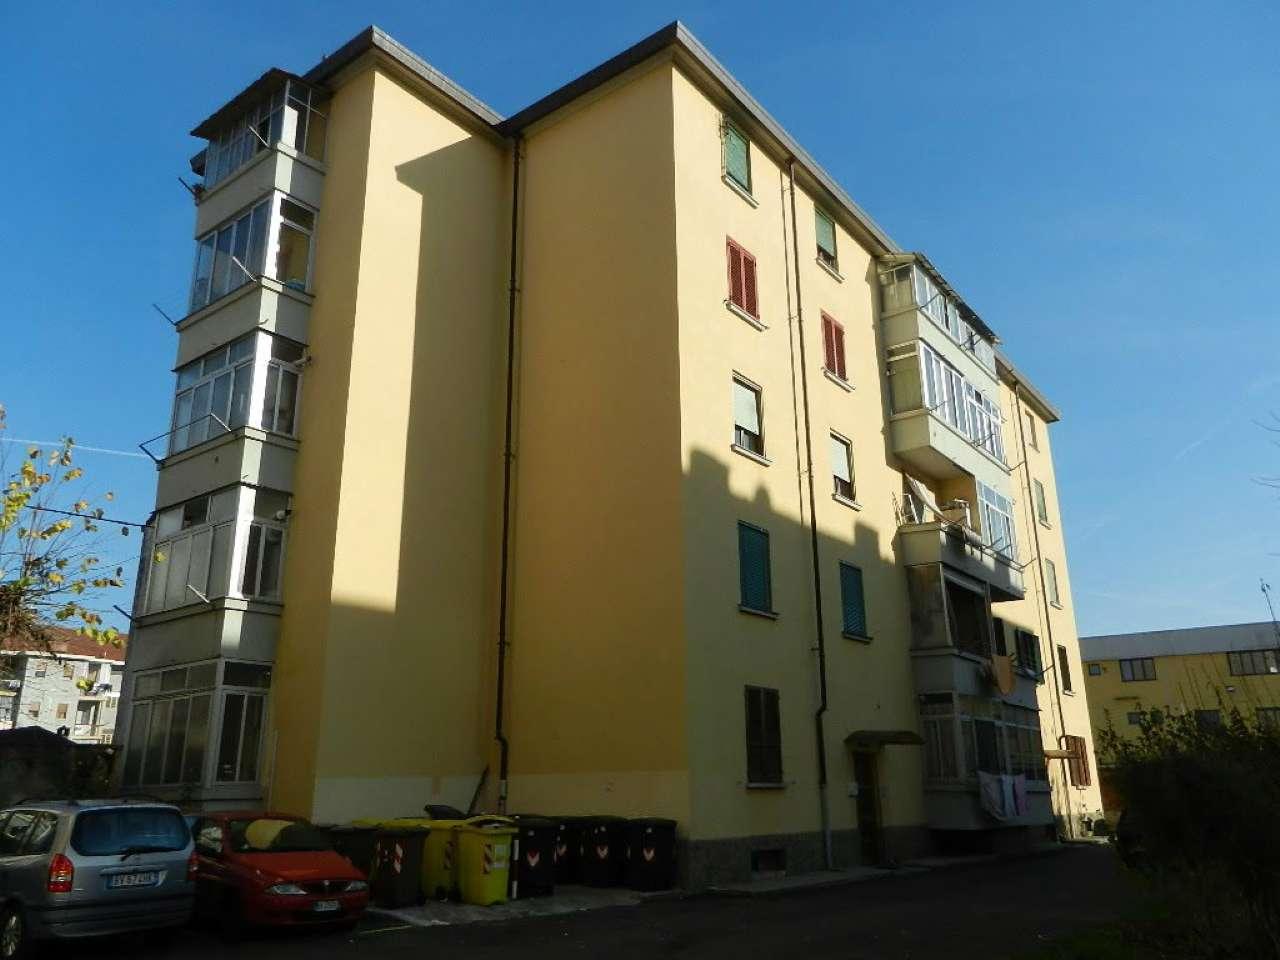 Appartamento in vendita via Gabriele D'annunzio 39 Venaria Reale